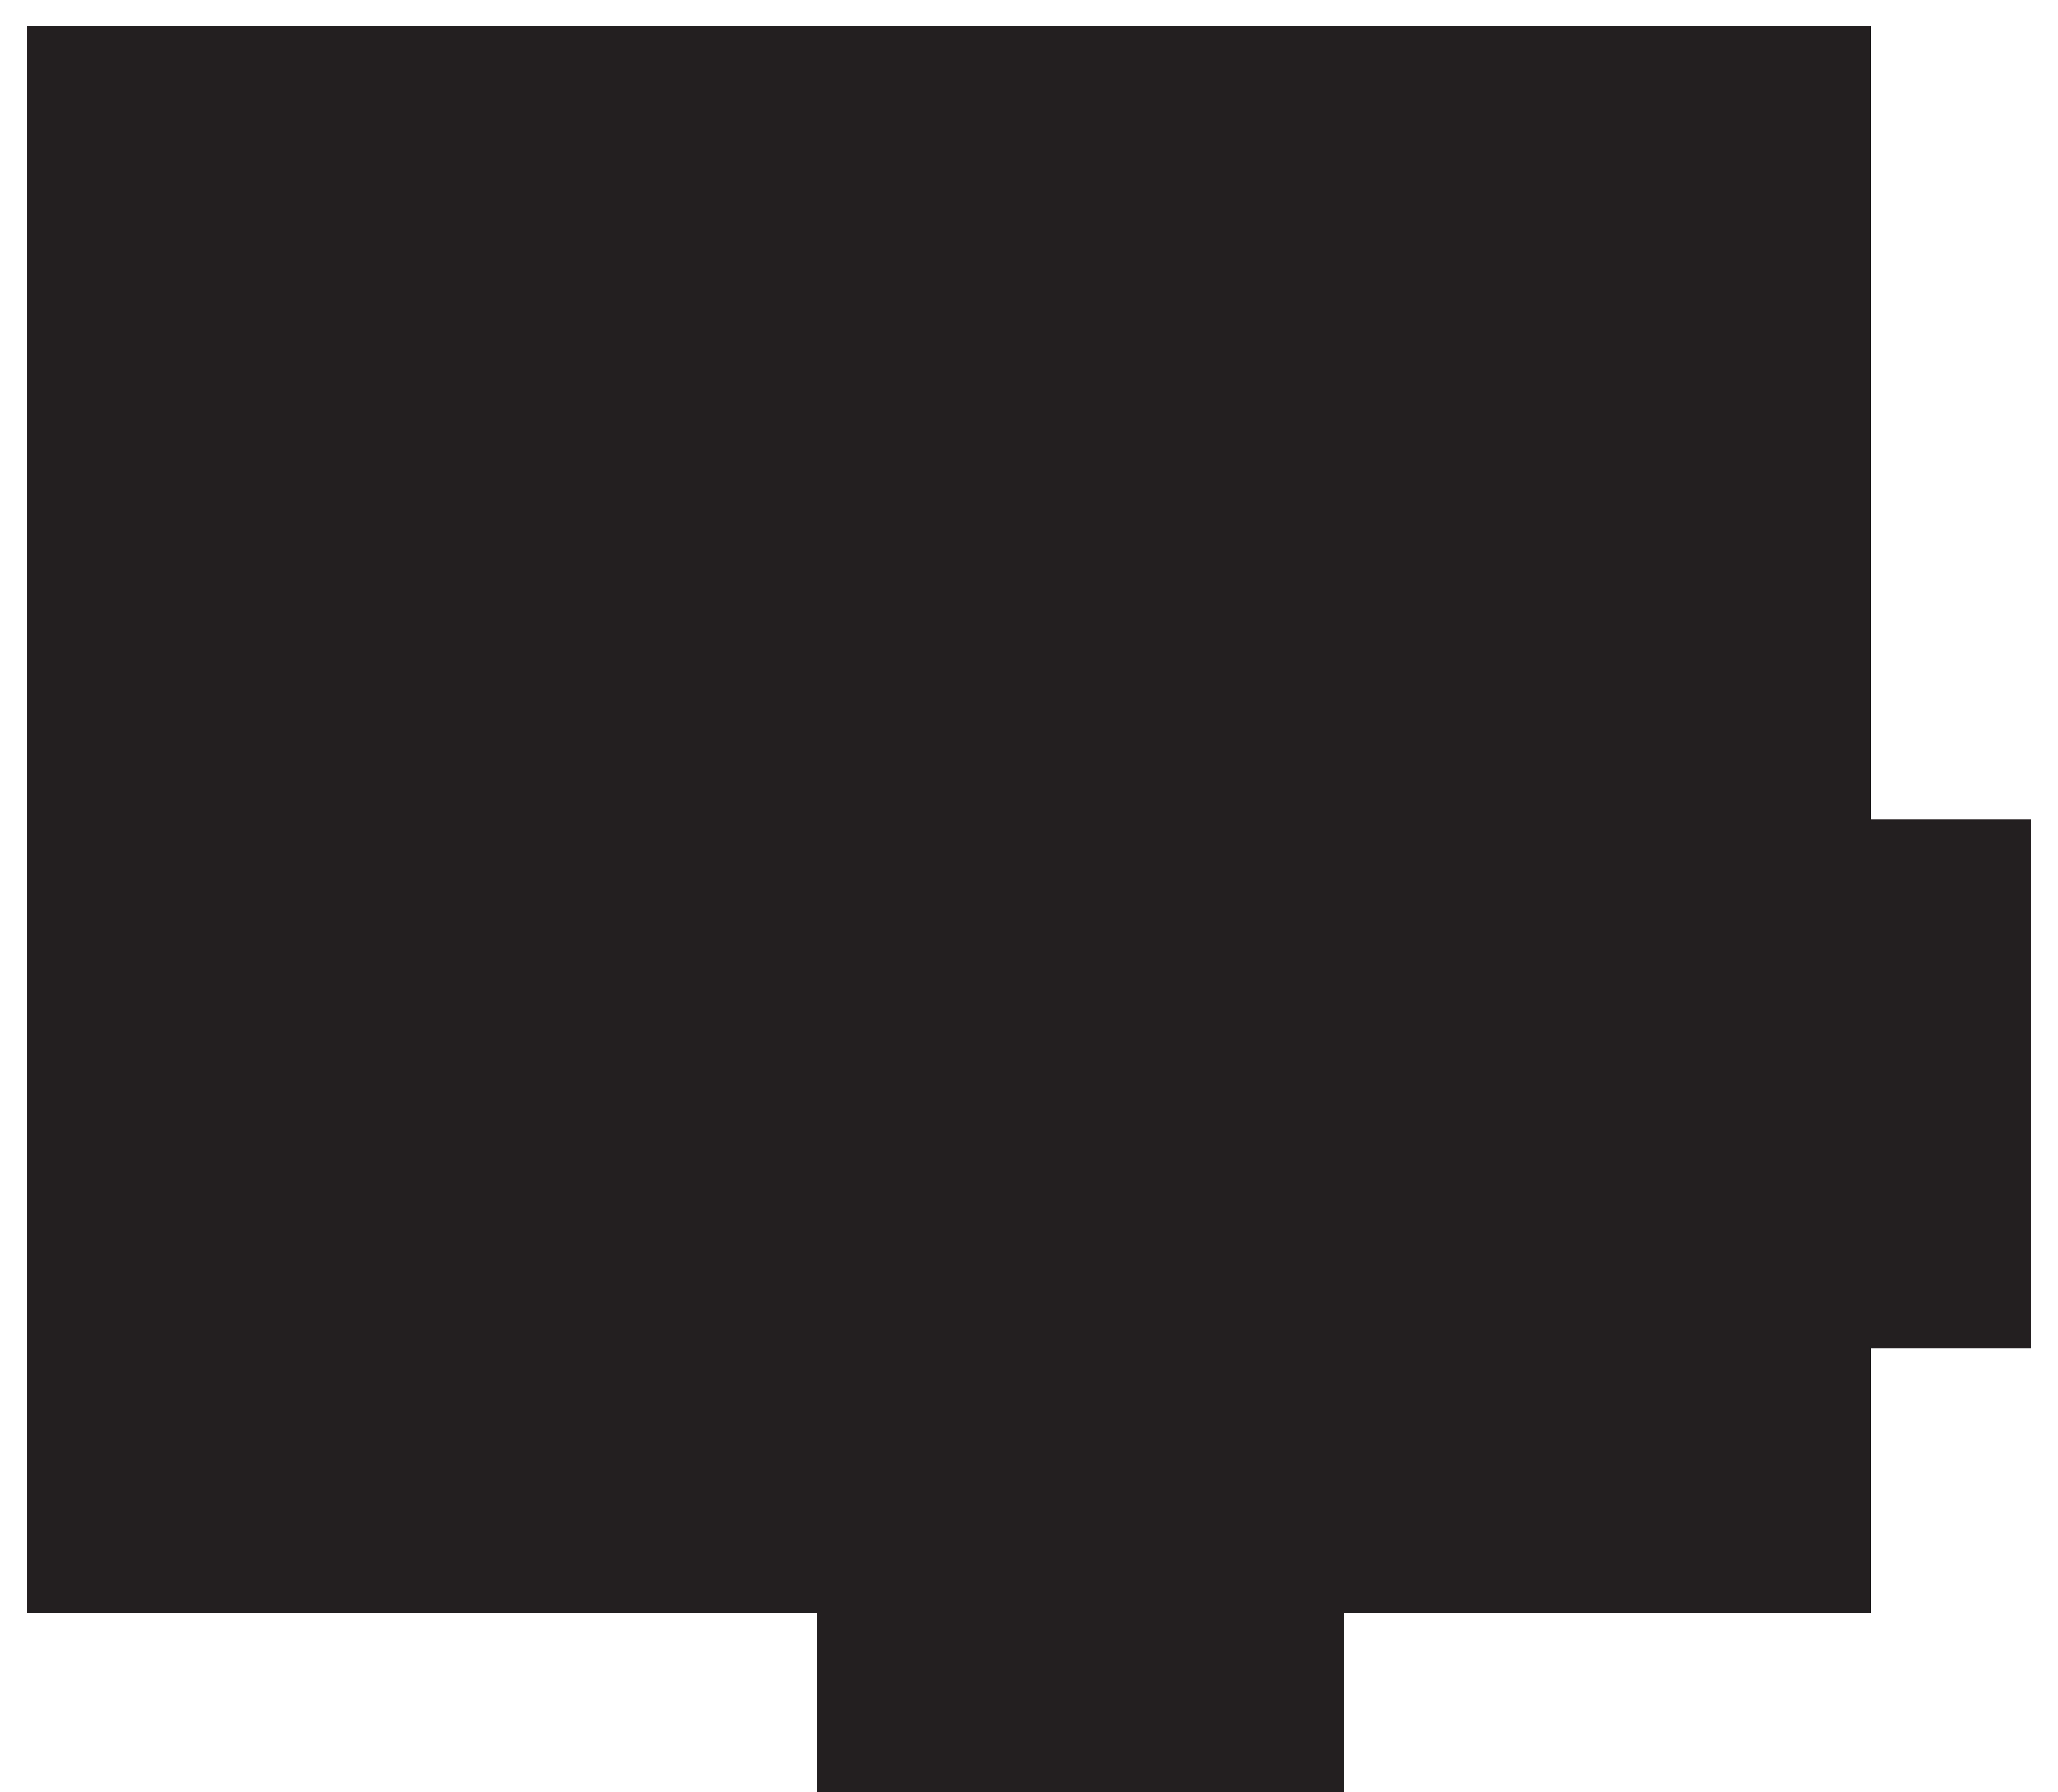 HD Oak Tree Silhouette Clip Art Free Library » Free Vector Art.